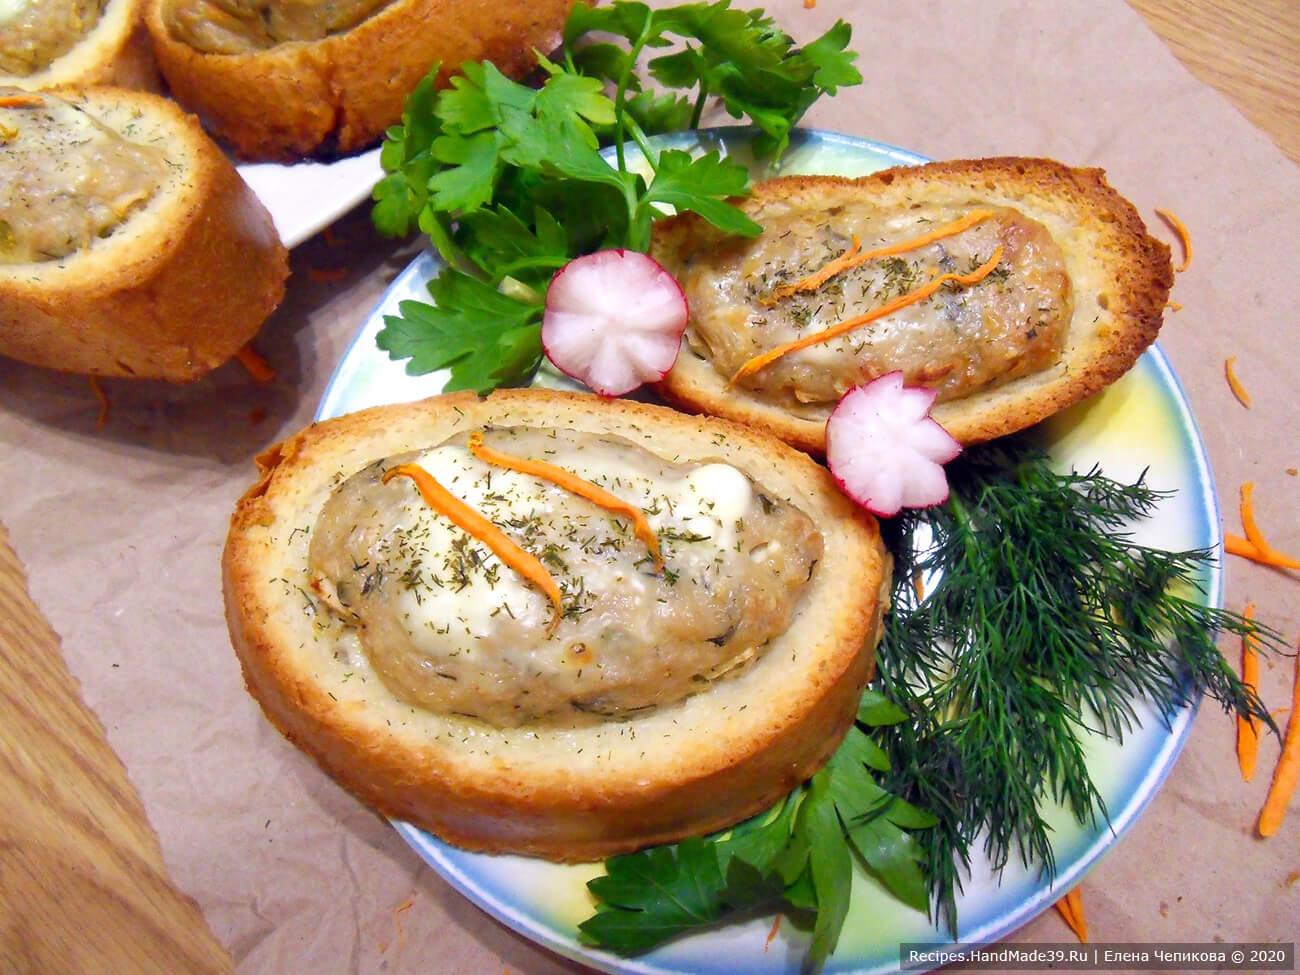 Гнёздышки с рыбным фаршем – пошаговый рецепт с фото. Как приготовить сочные рыбные котлеты.